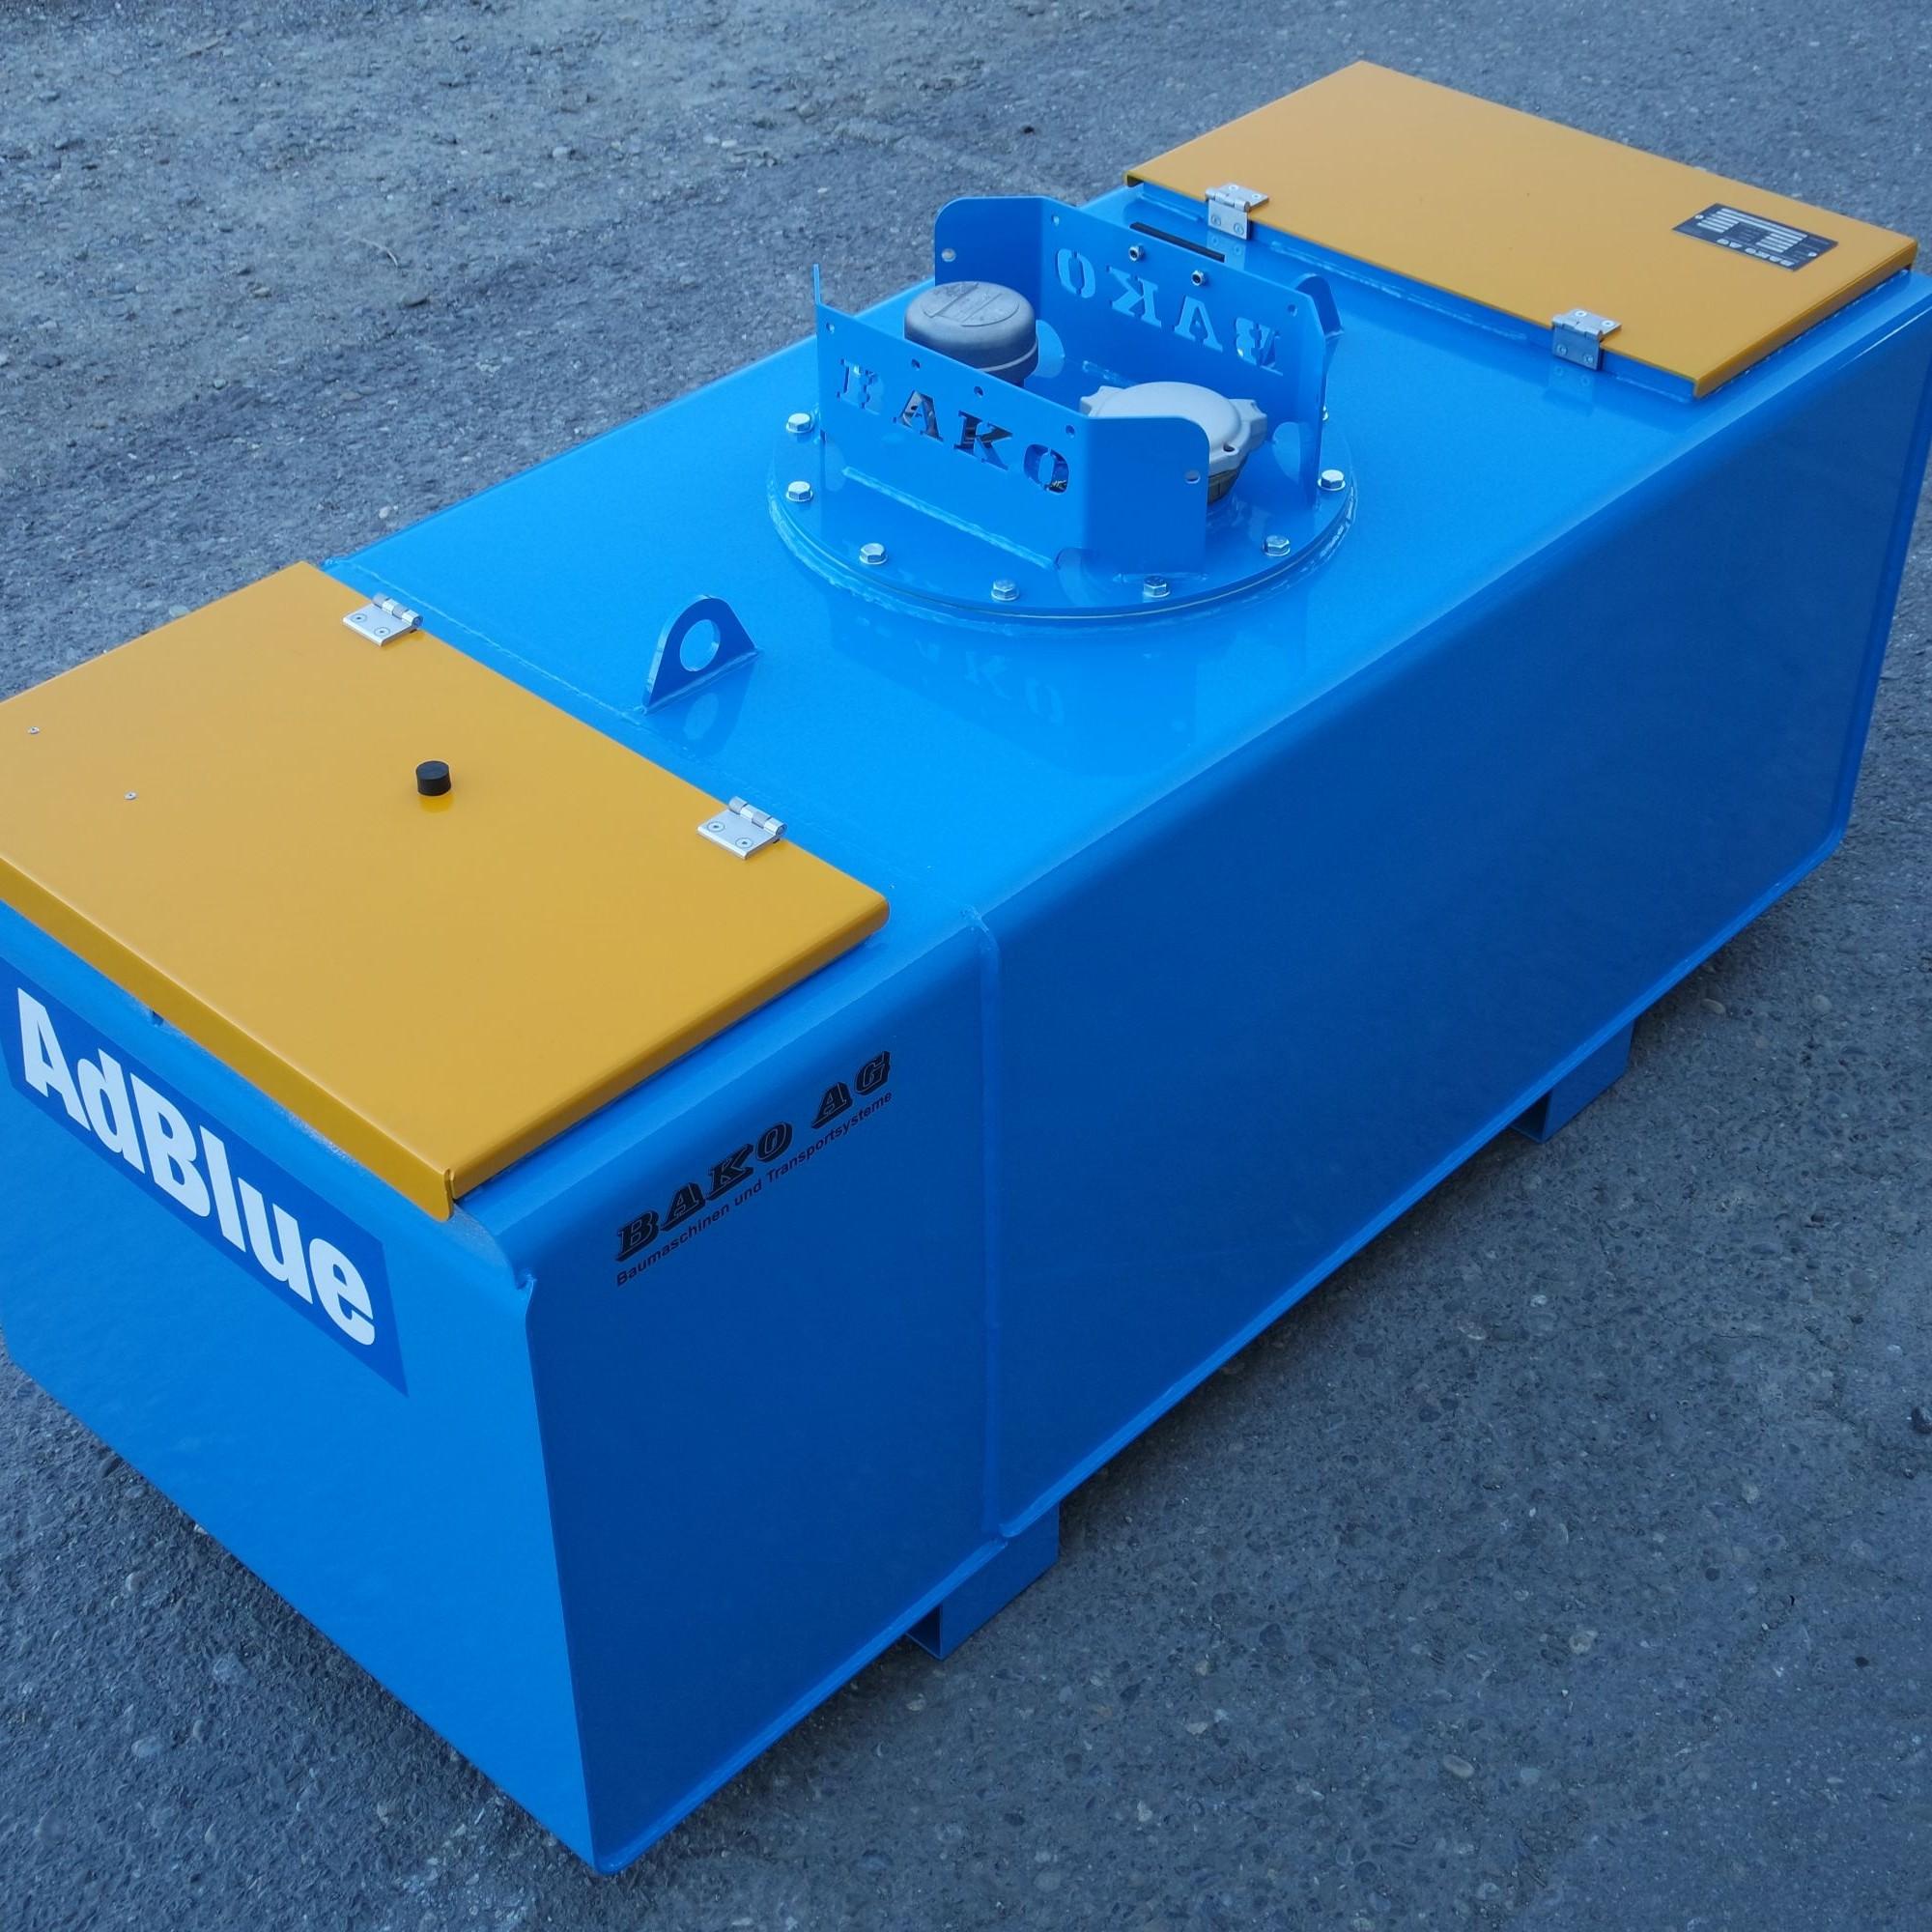 Betankungssystem BT0450-5 mit zusätzlichem AD-Blue Abteil